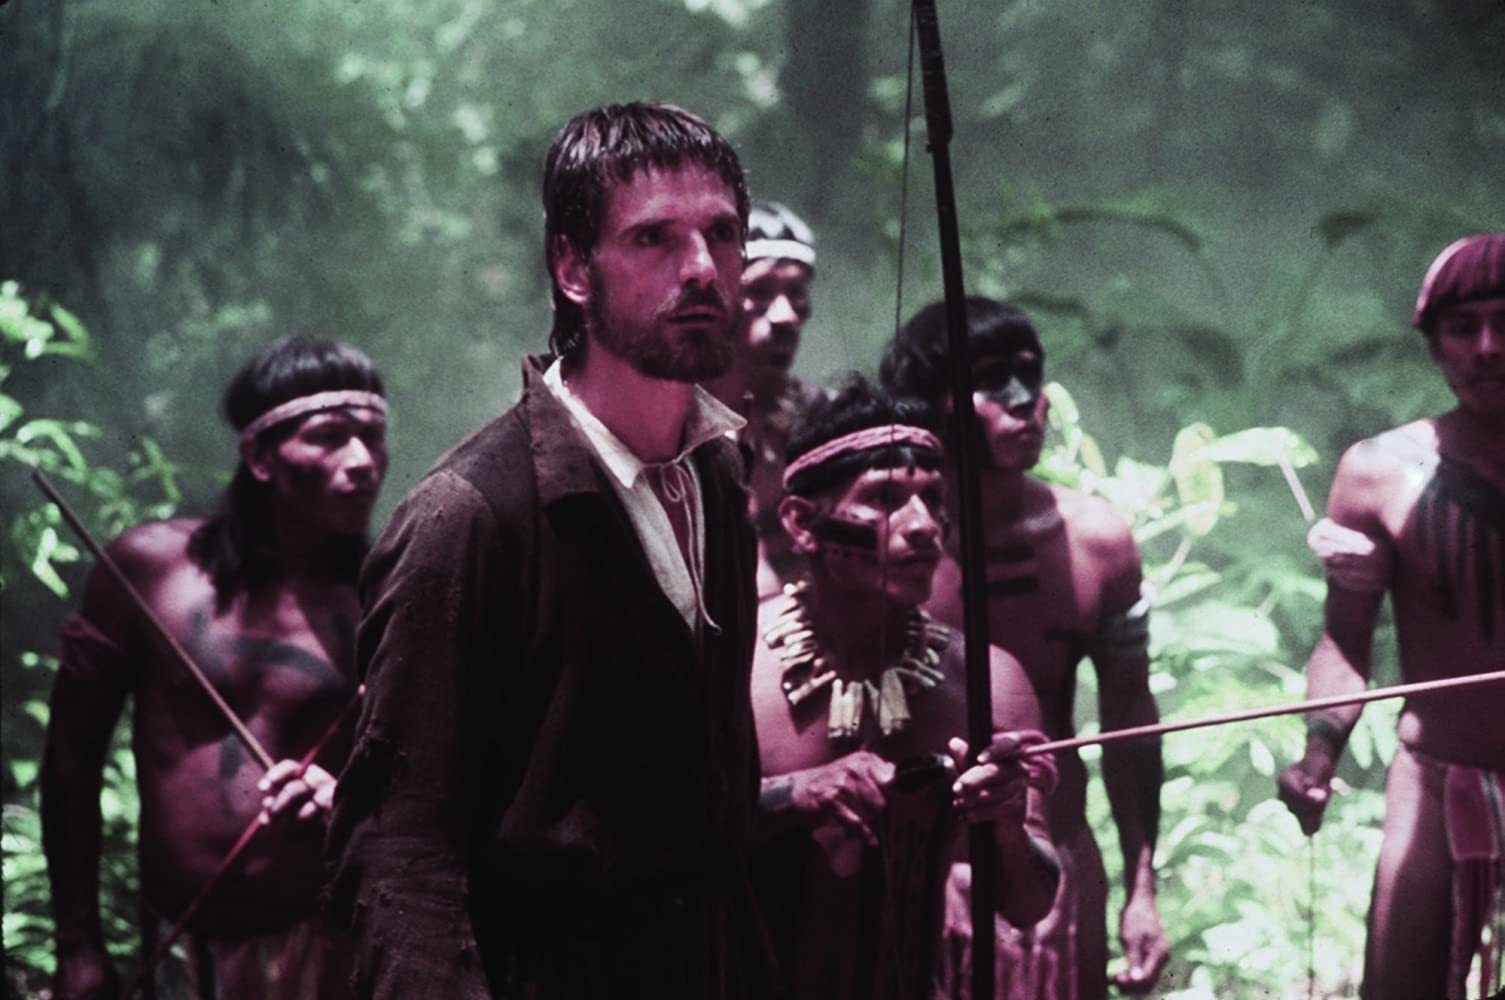 Fotograda de La Misión, con banda sonora original de Ennio Morricone